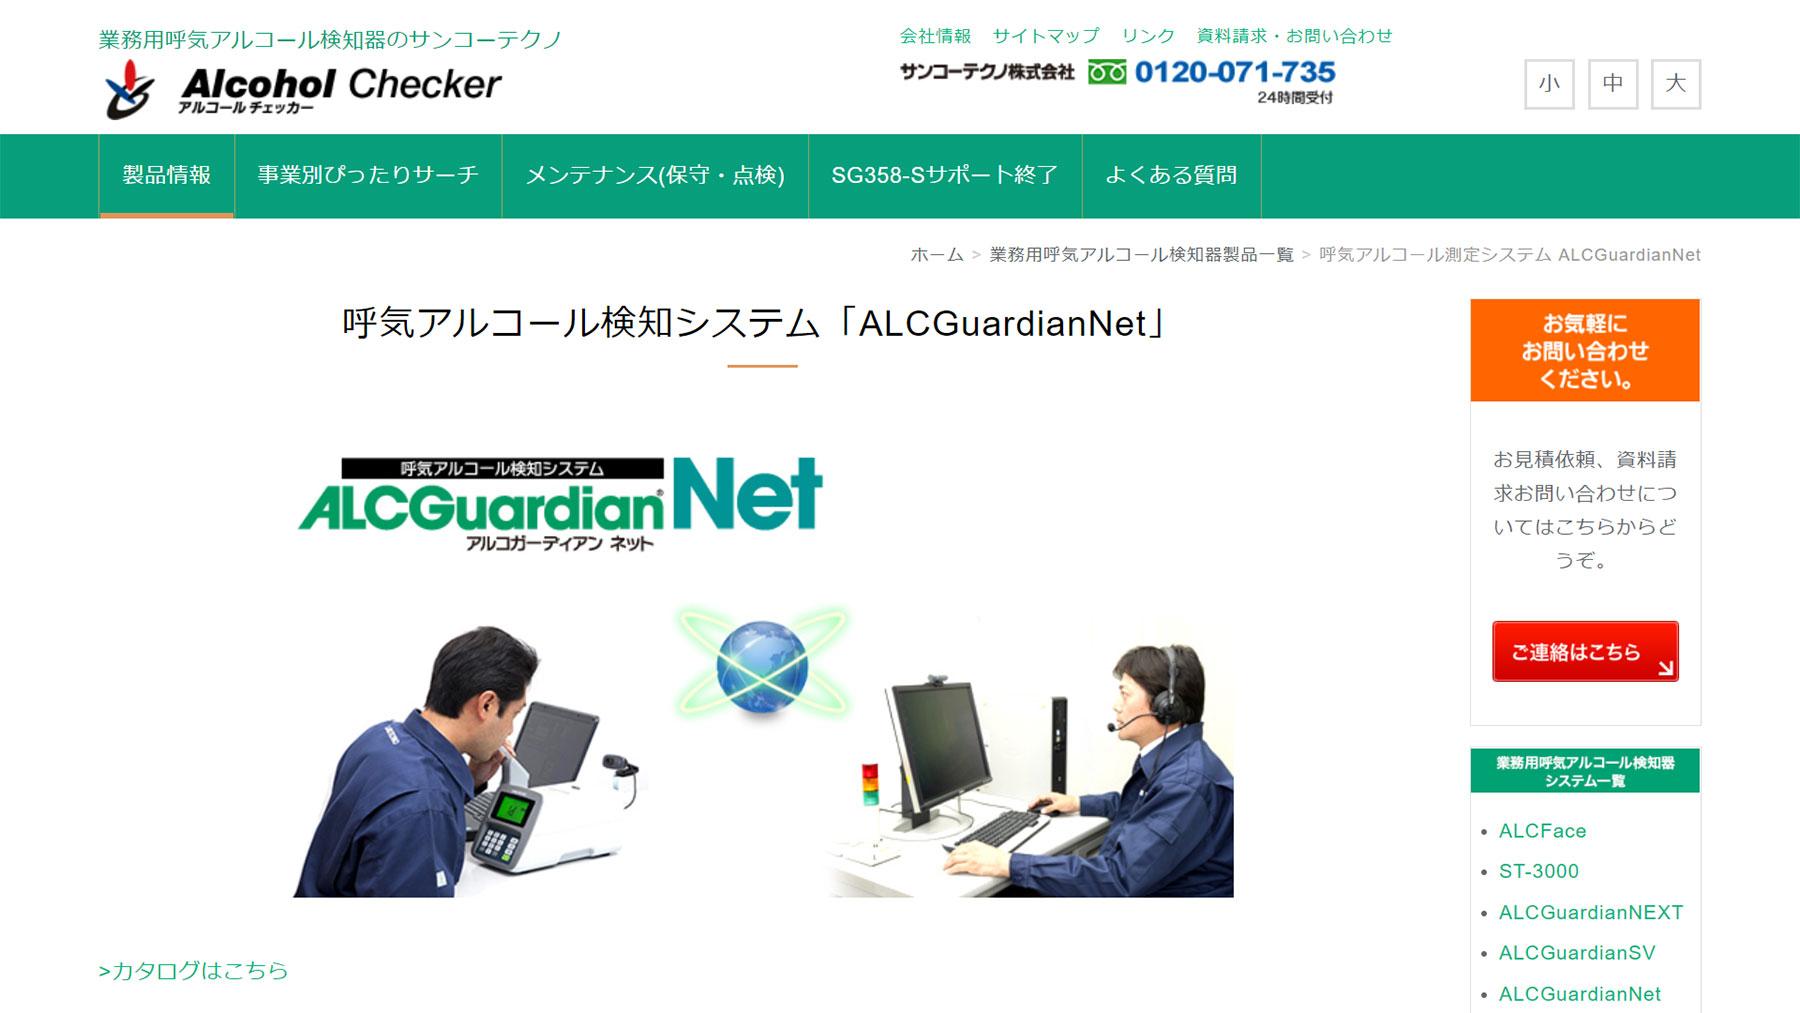 ALC Guardian NET